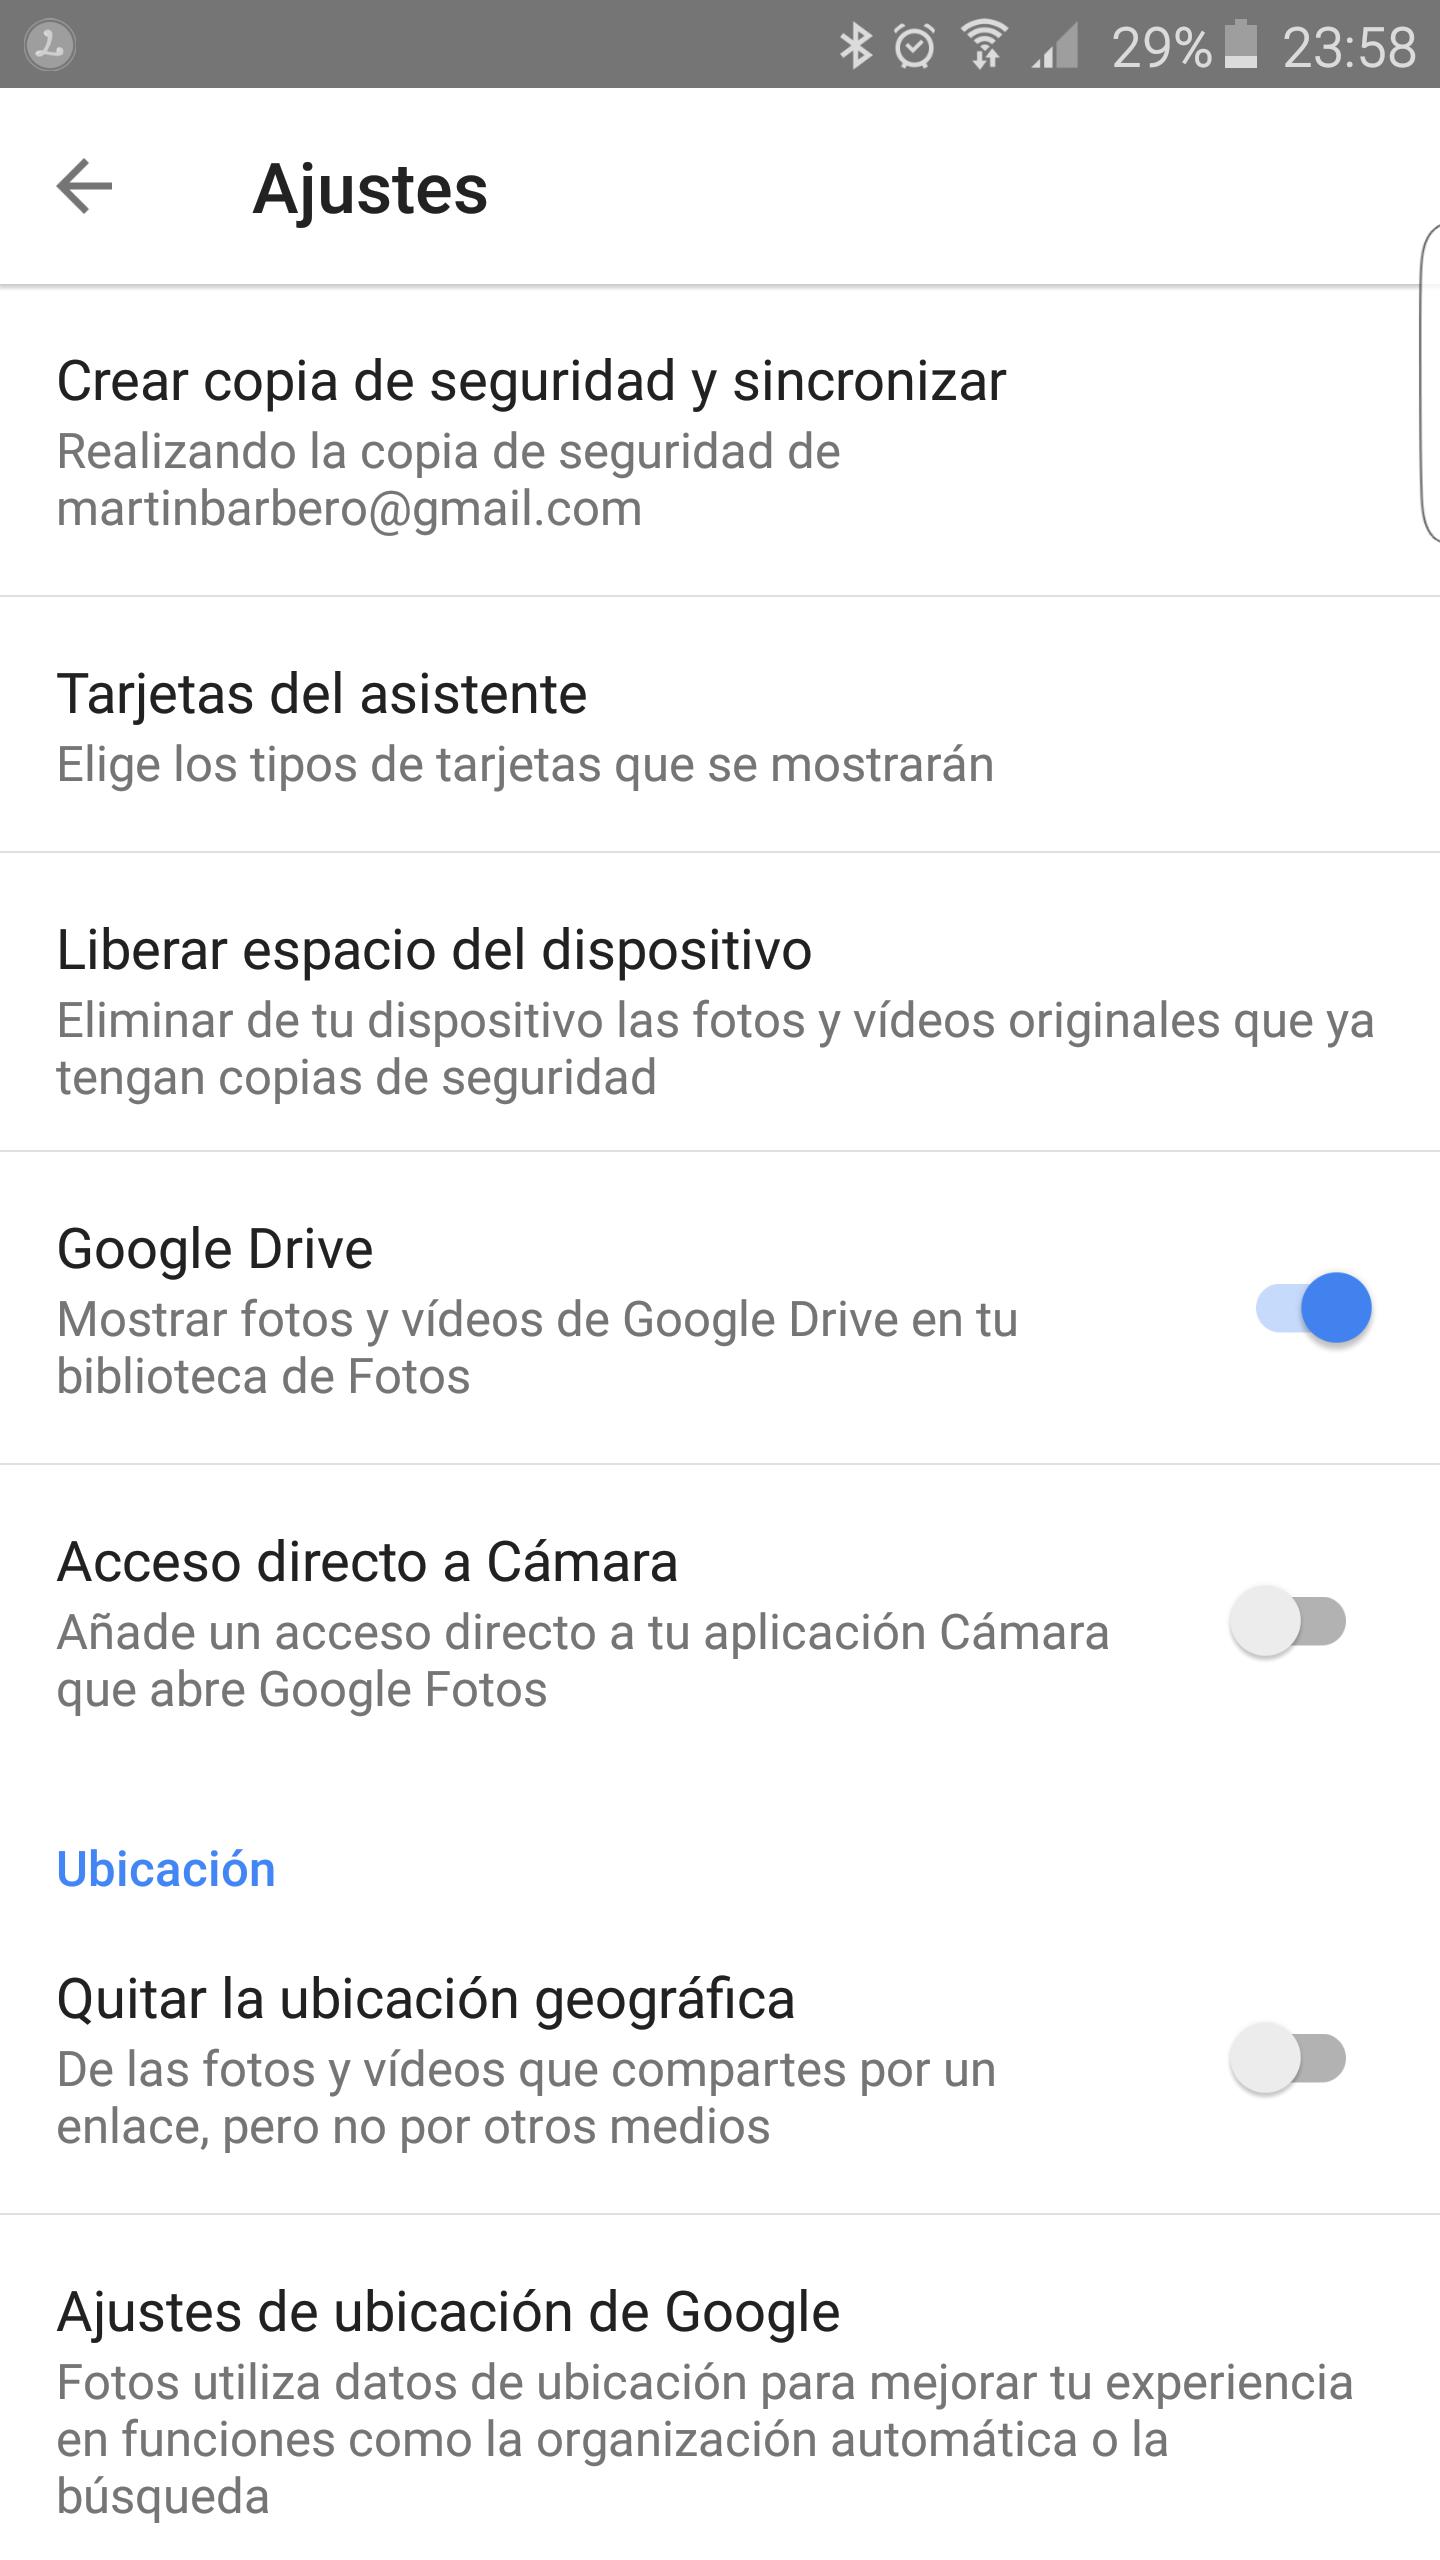 Ubicación activada en Google Fotos